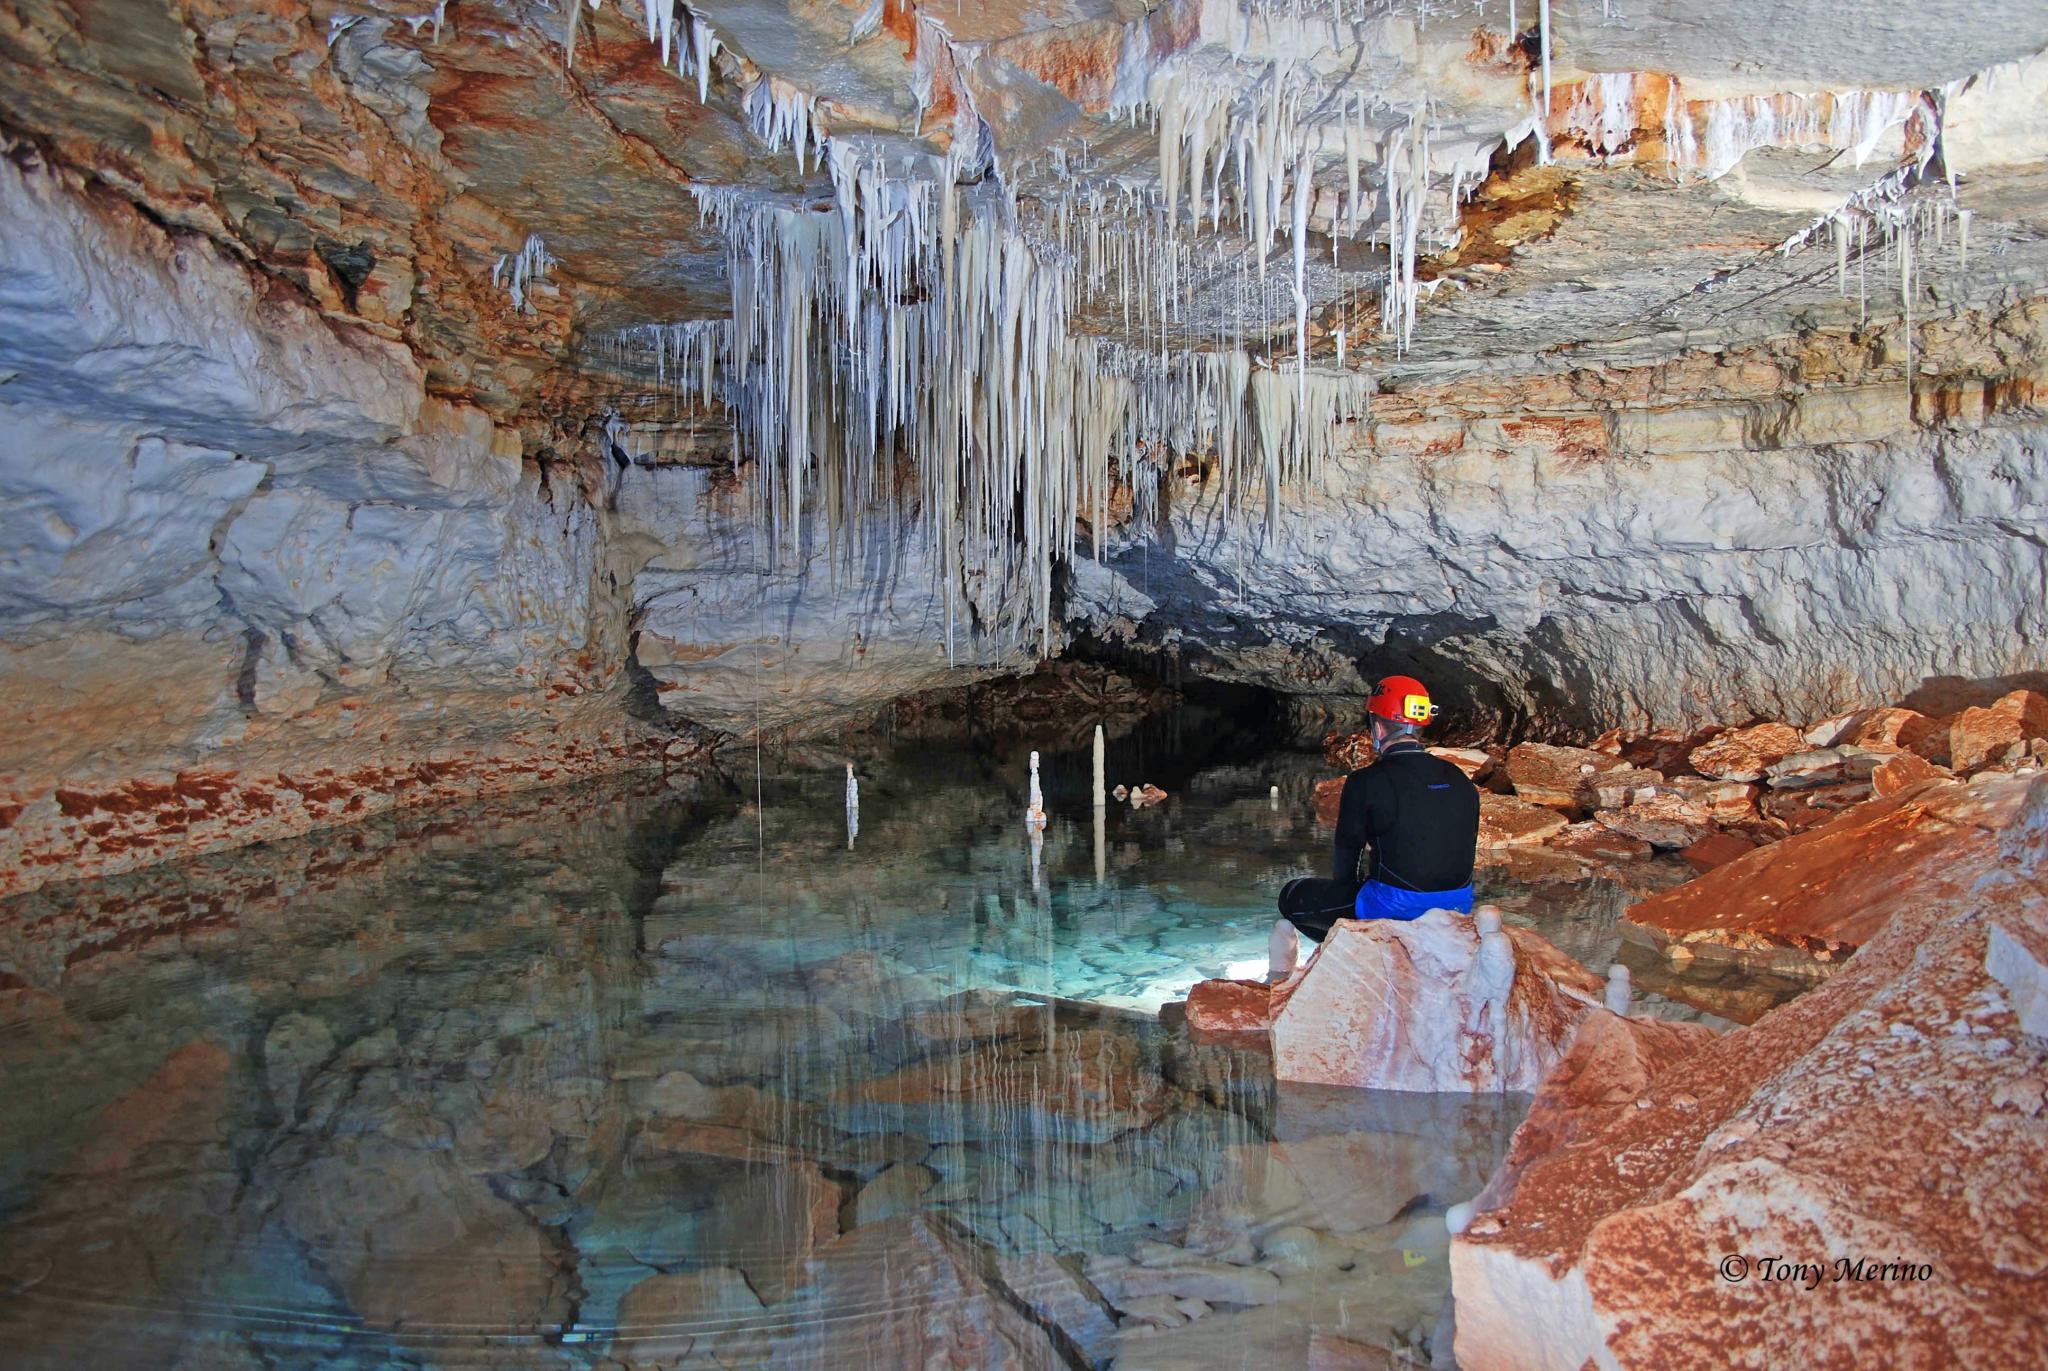 Die Höhle von Vallgornera befindet sich im Untergrund der Wohnsiedlung.